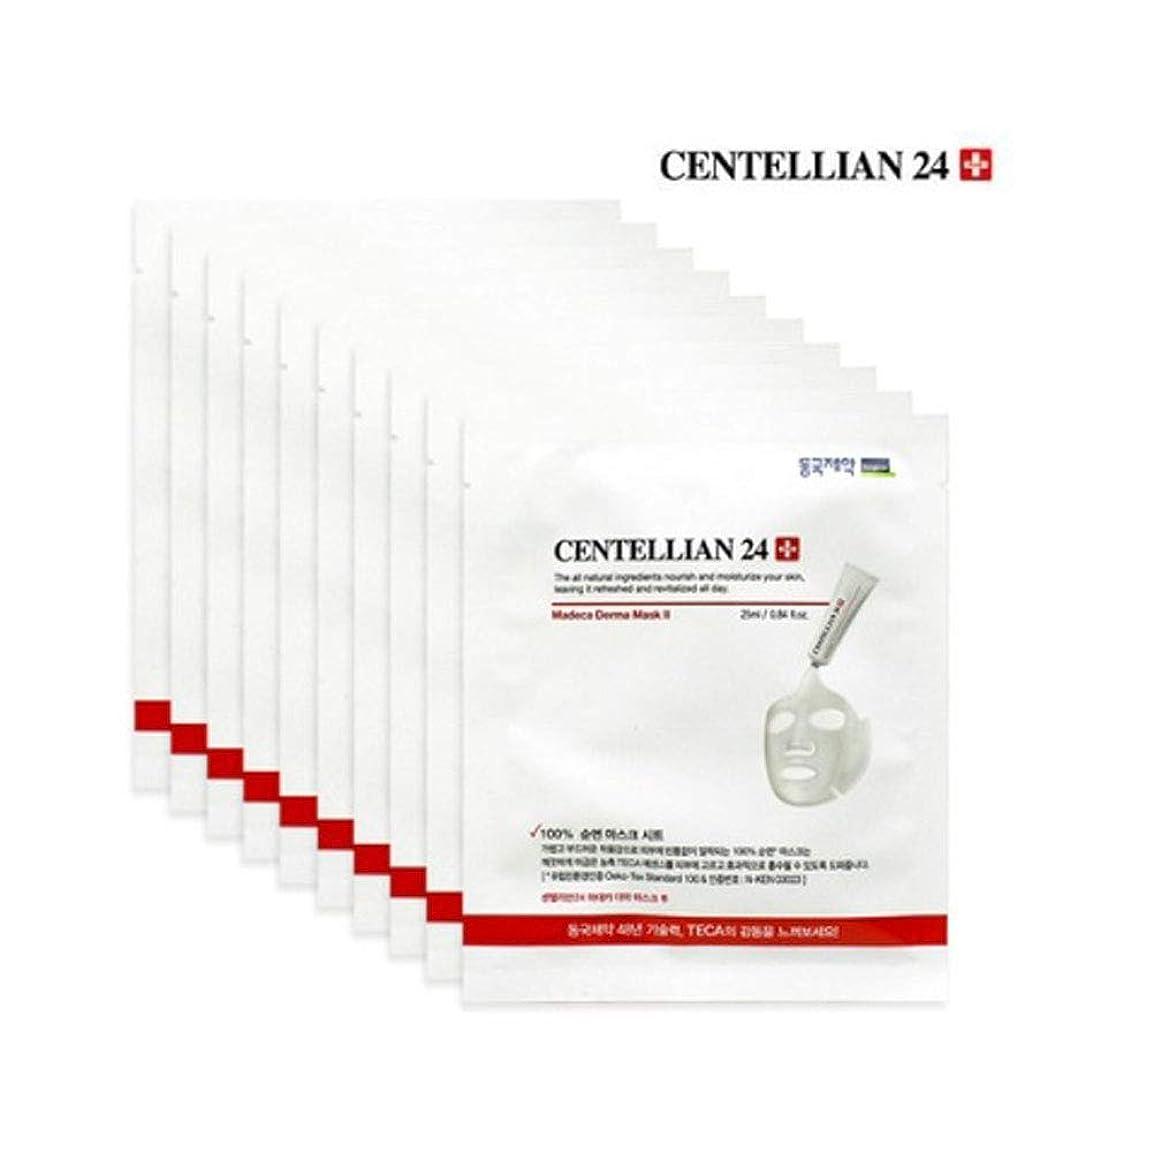 謝罪広告する統計的センテルリアン24マデカードママスクパック10枚肌の保湿、Centellian24 Madeca Derma Mask Pack 10 Sheets Skin Moisturizing [並行輸入品]